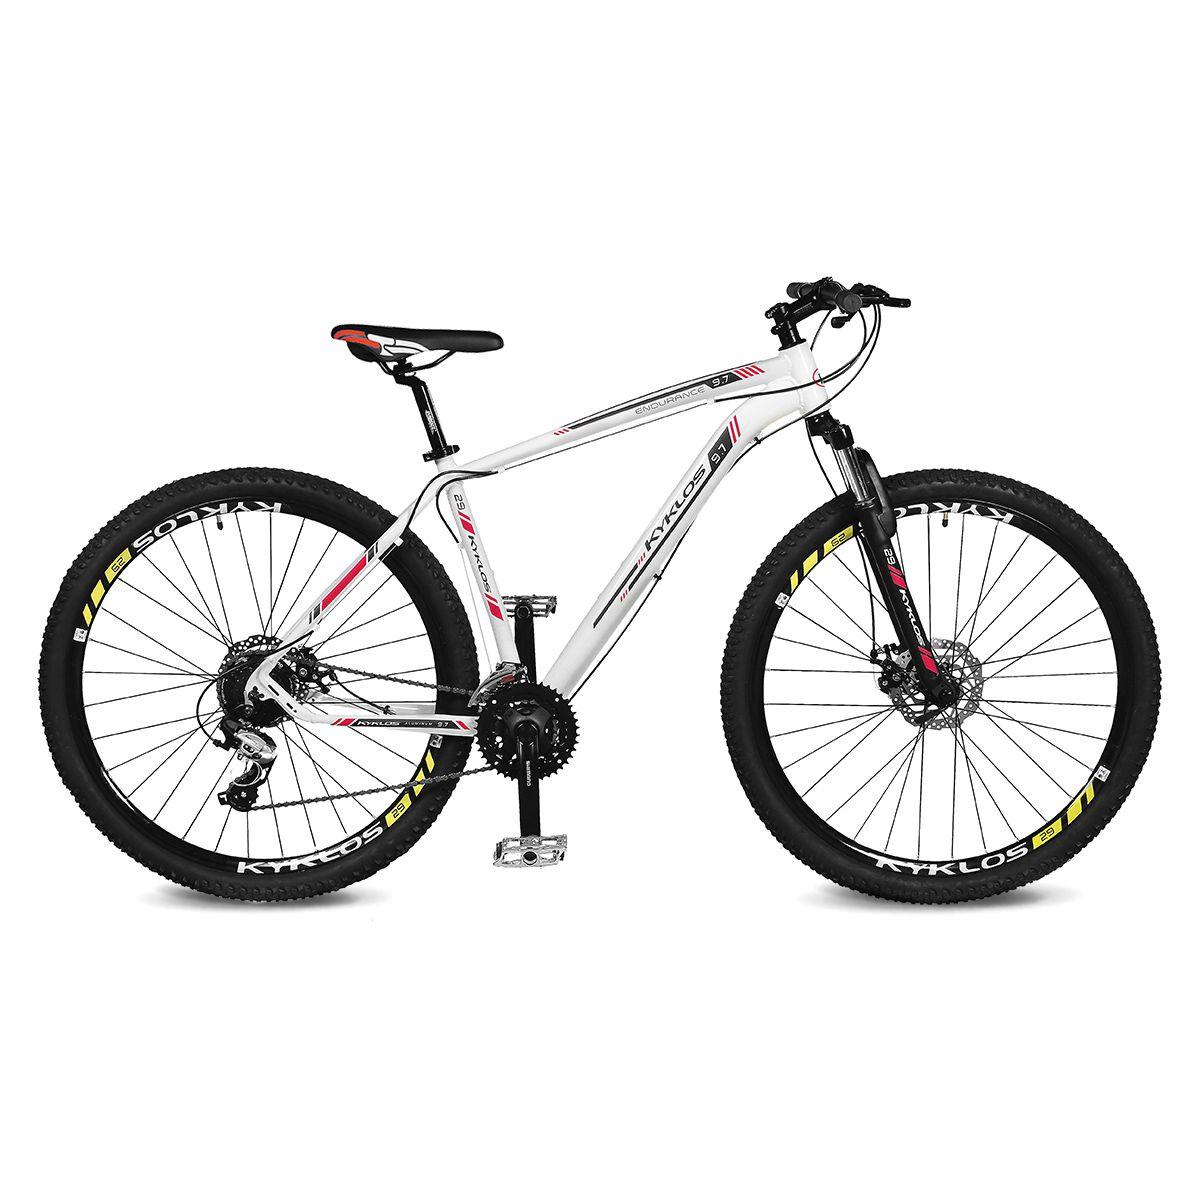 Bicicleta Kyklos Aro 29 Endurance 9.7 24V Freio a Disco com Suspensão A-36 Branco/Vermelho